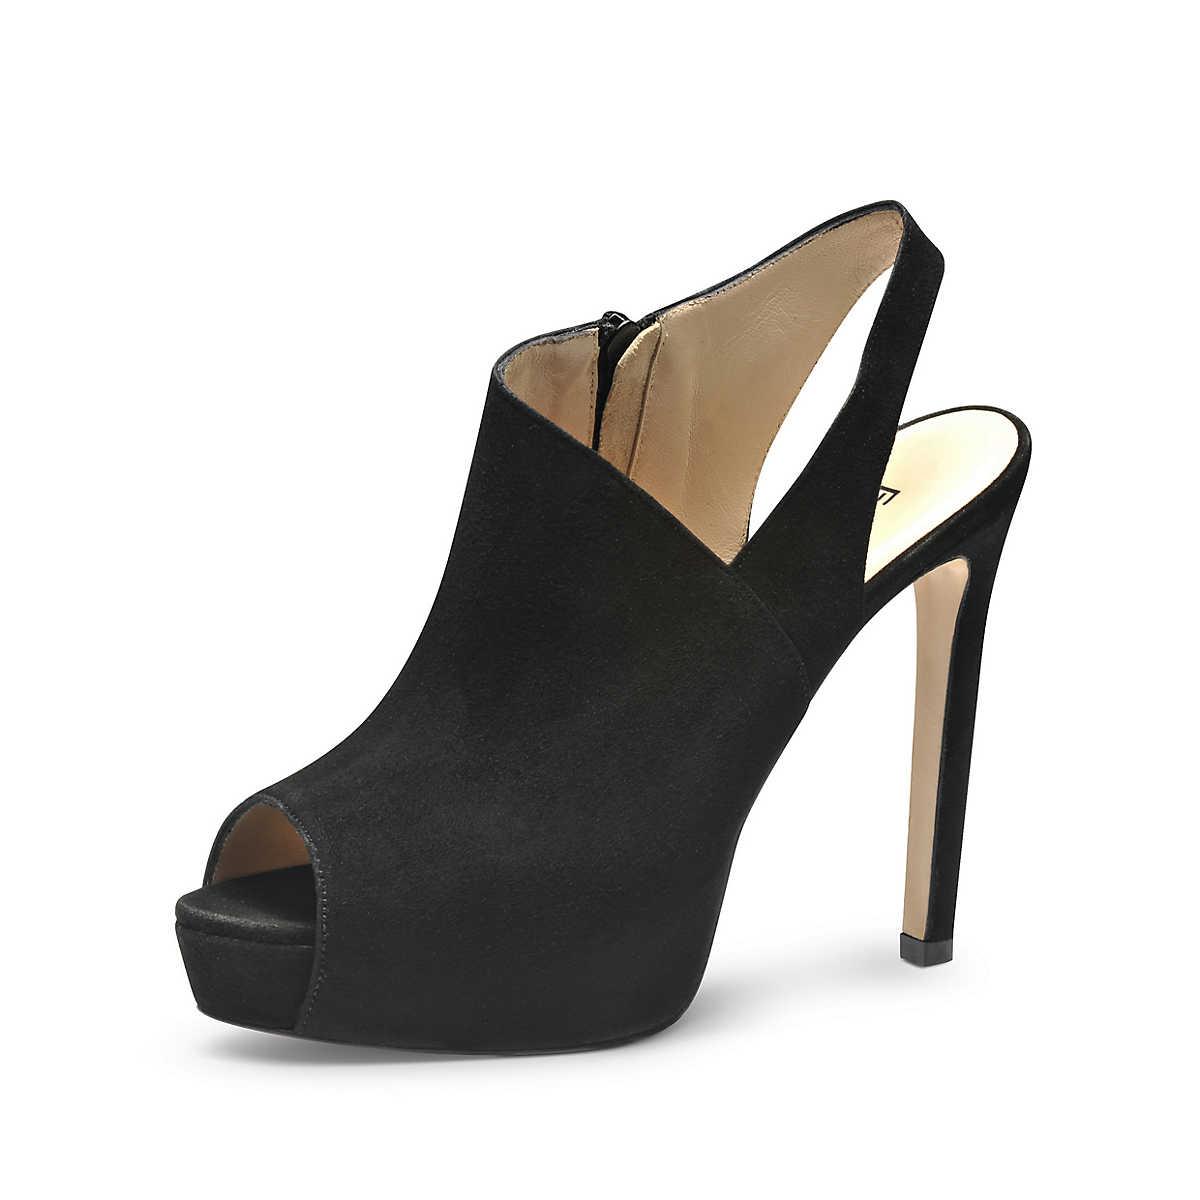 Evita Shoes Sandaletten schwarz - Evita Shoes - Pumps - Schuhe - mirapodo.de